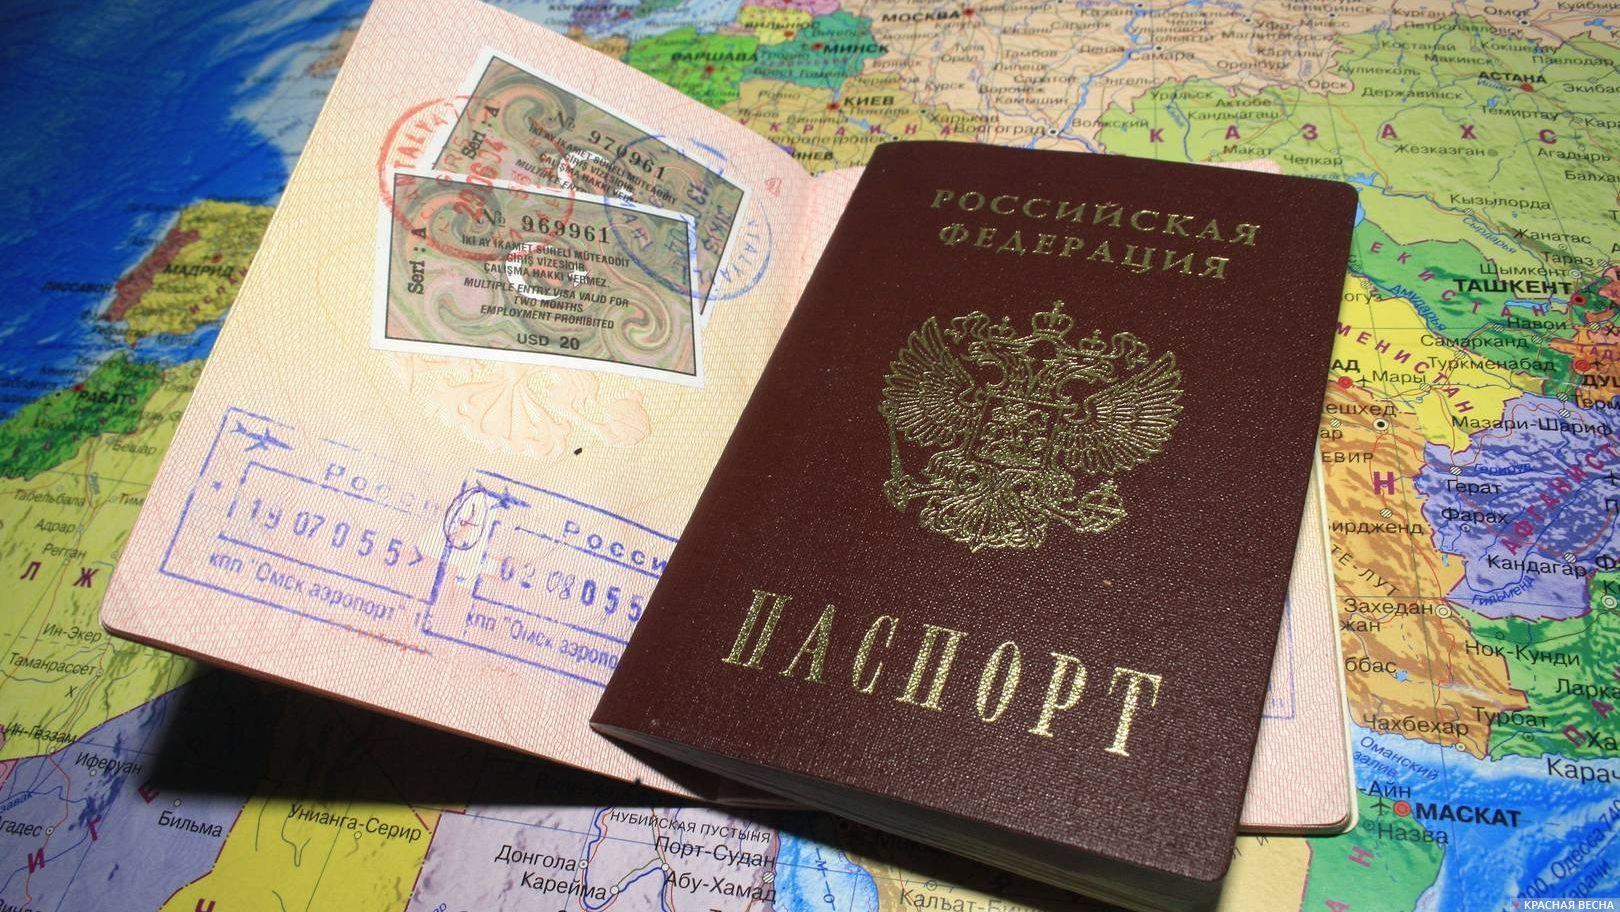 Внутренний и заграничный паспорта.